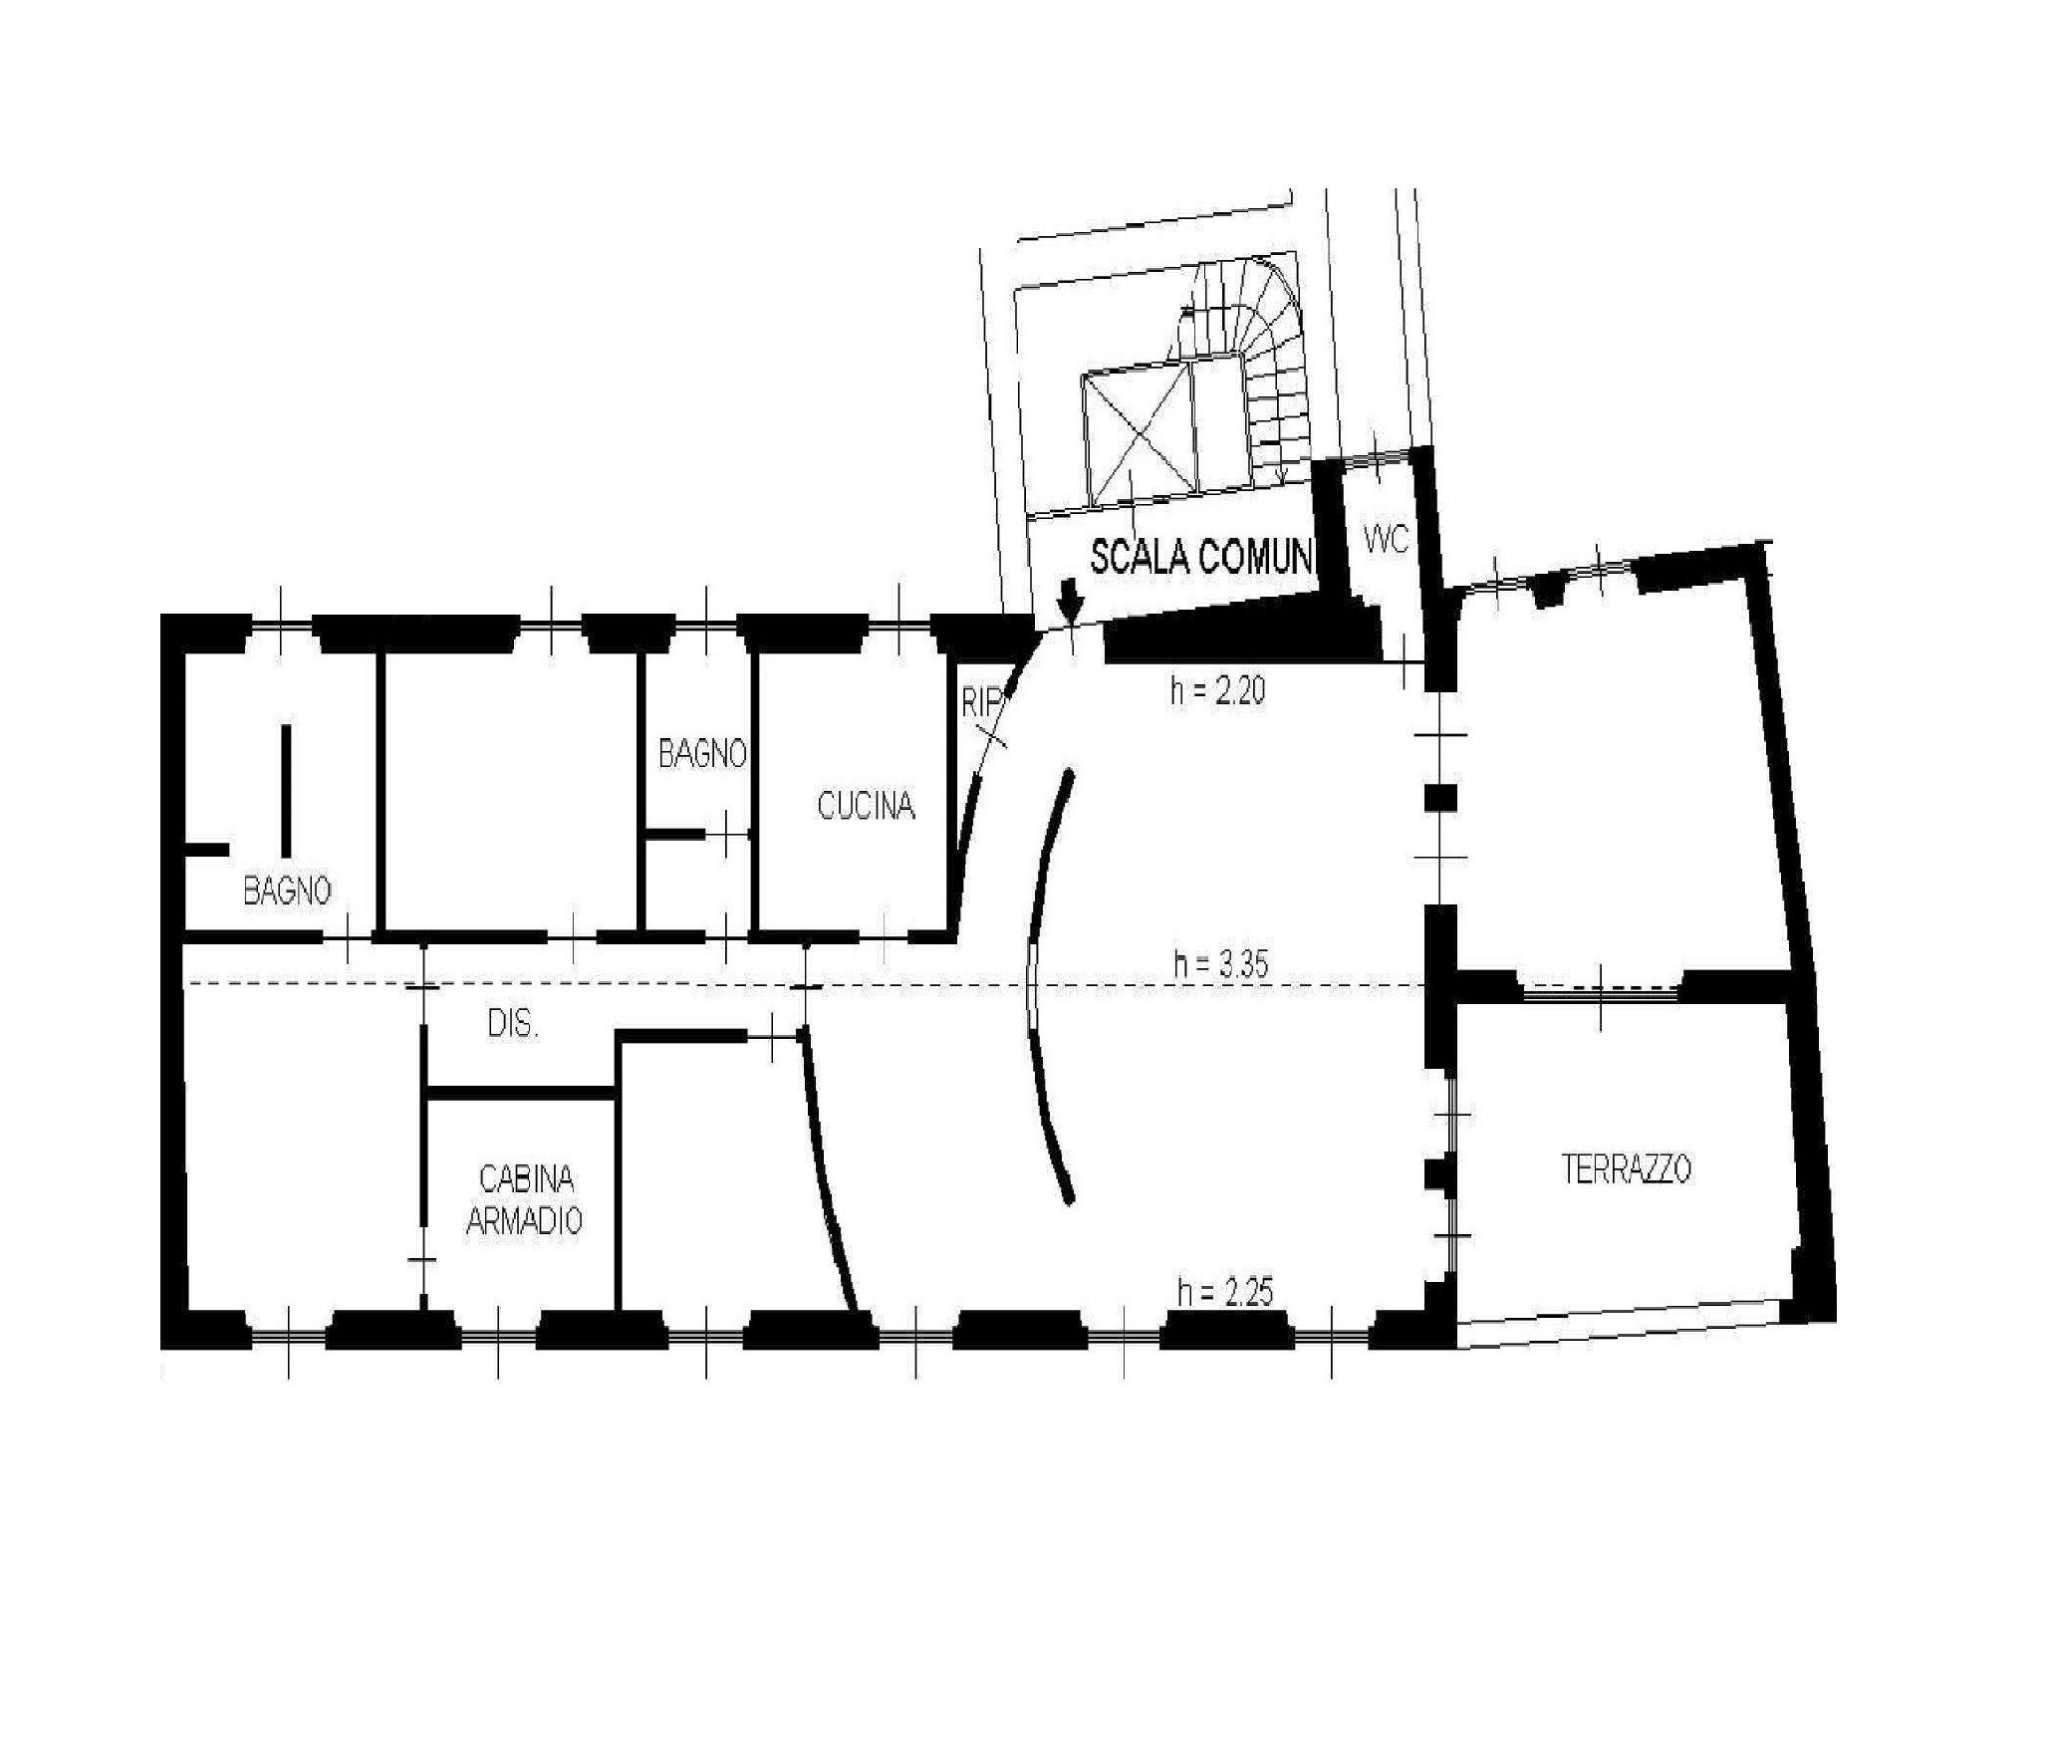 Appartamento in Vendita a Milano: 5 locali, 220 mq - Foto 1